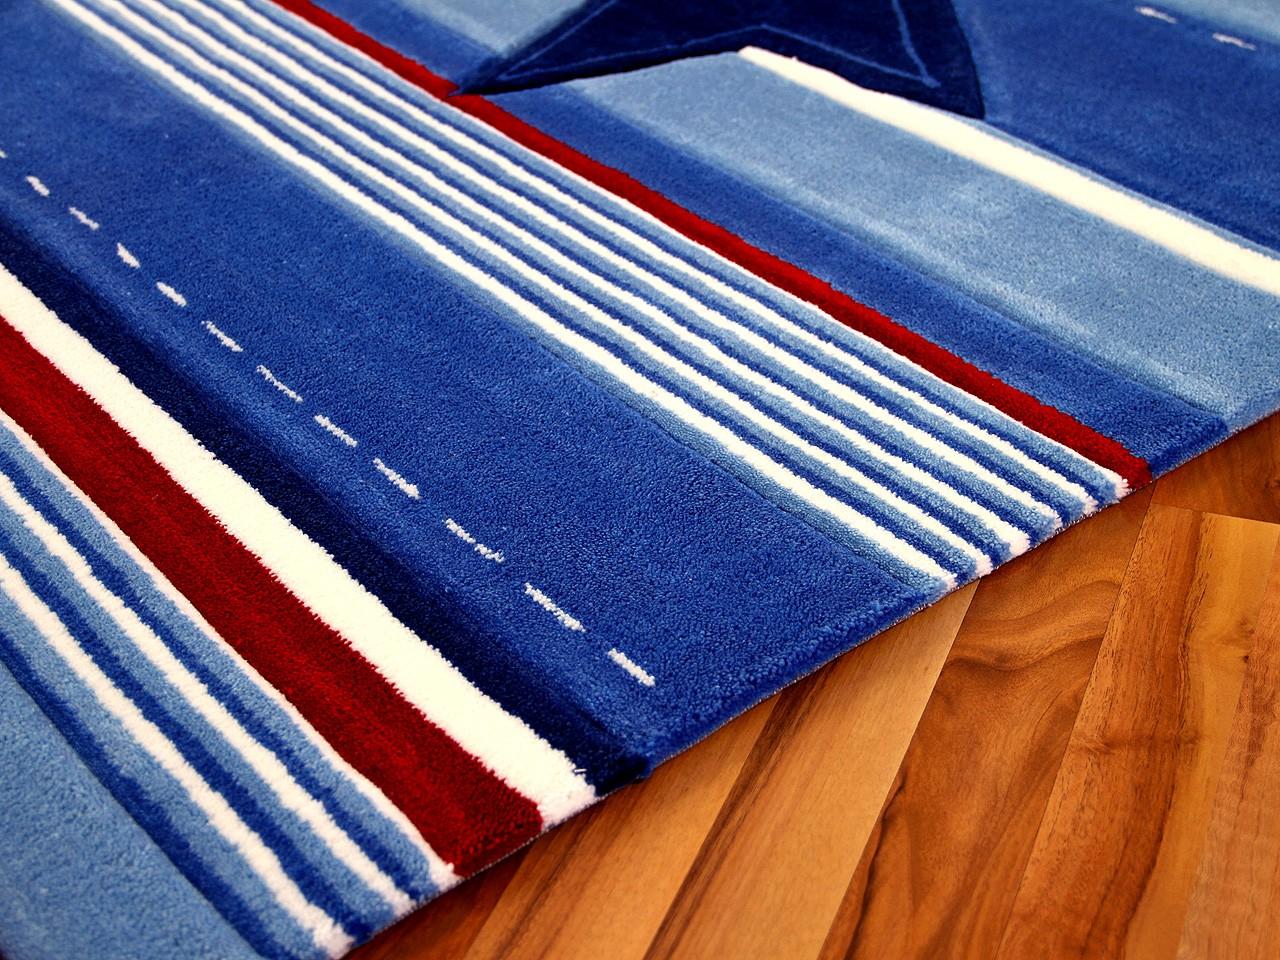 Kinderteppich blau stern  Lifestyle Kinderteppich Blau Stern - Kaufen bei teppichversand24